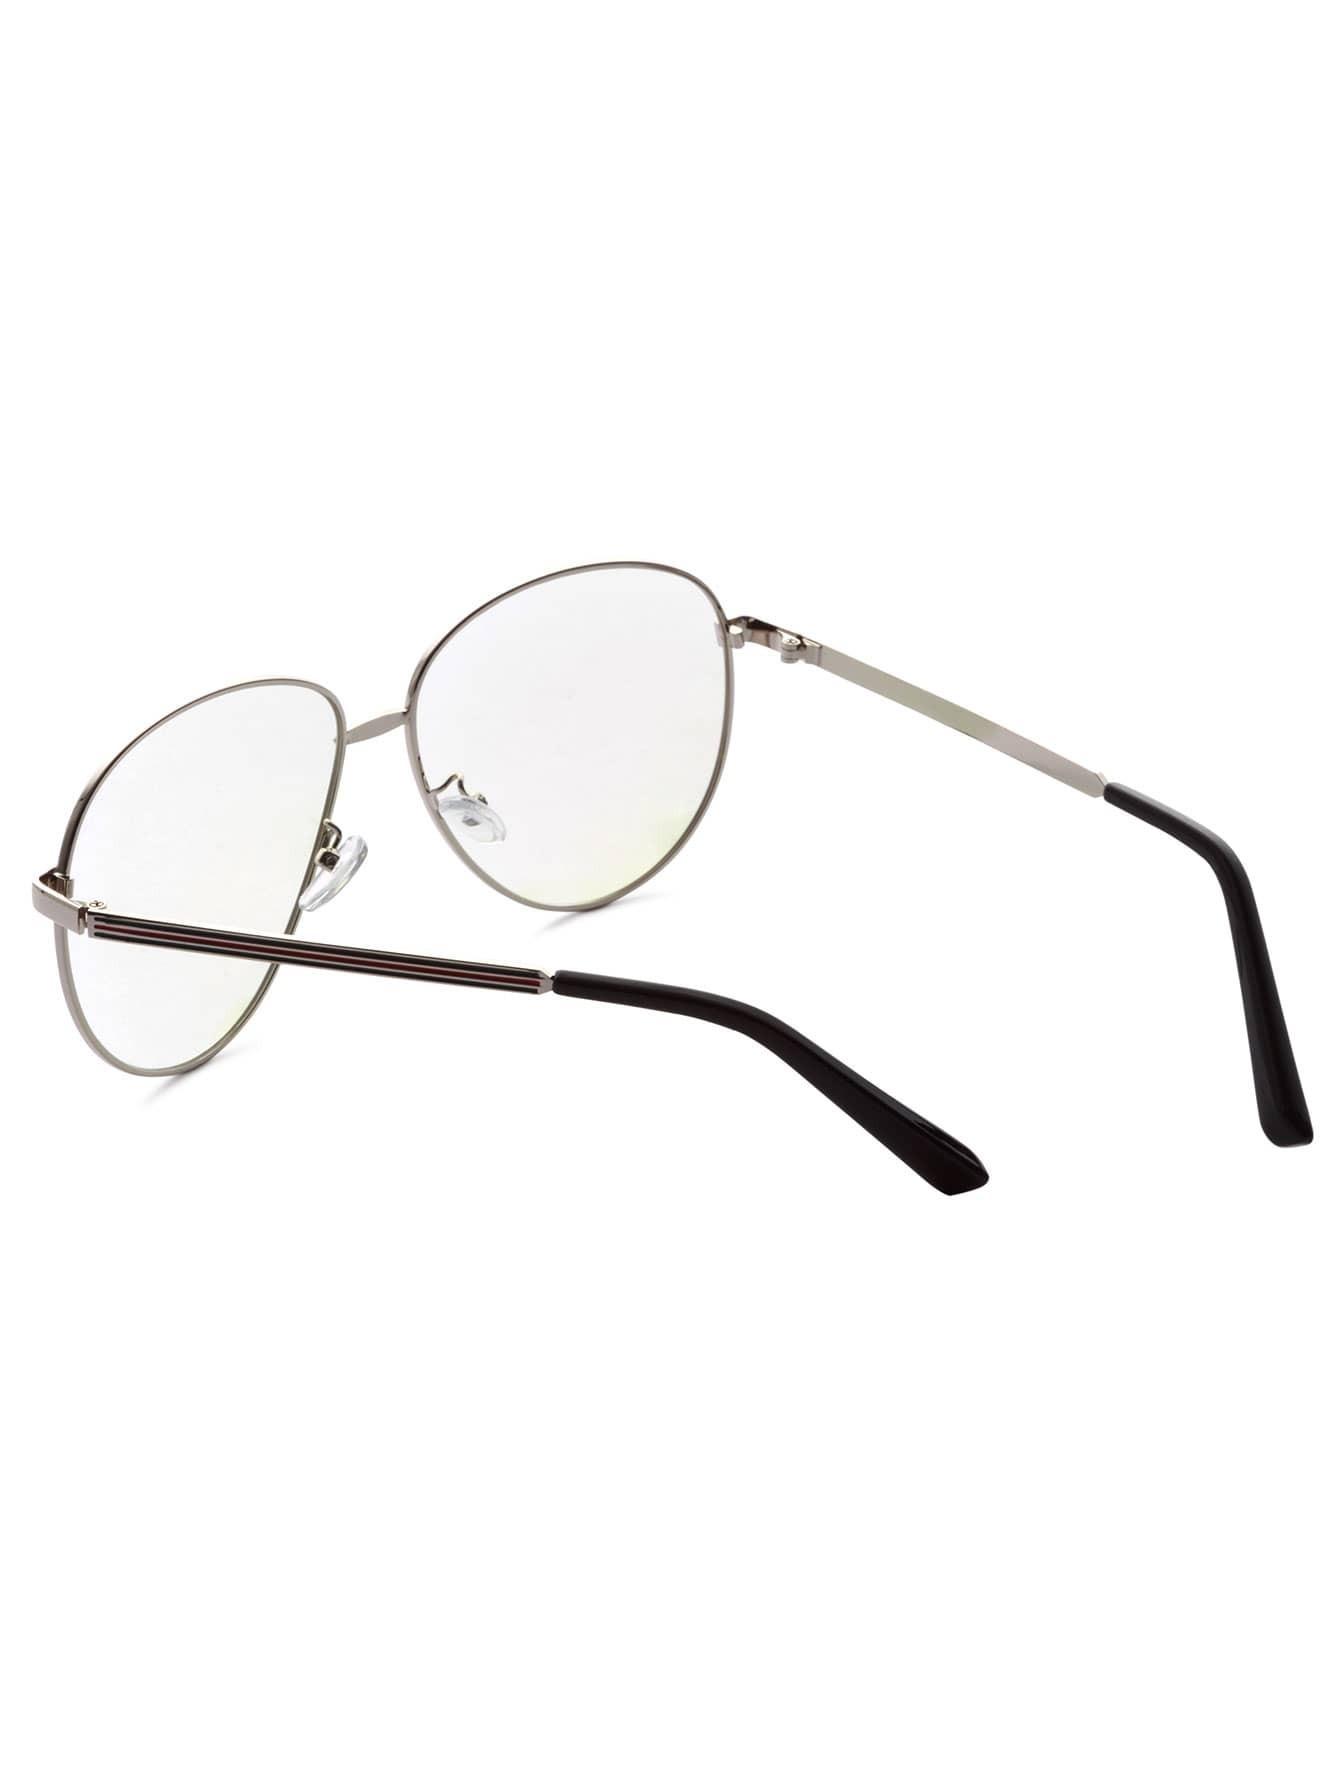 Silver Frame Large Lens Vintage Glasses